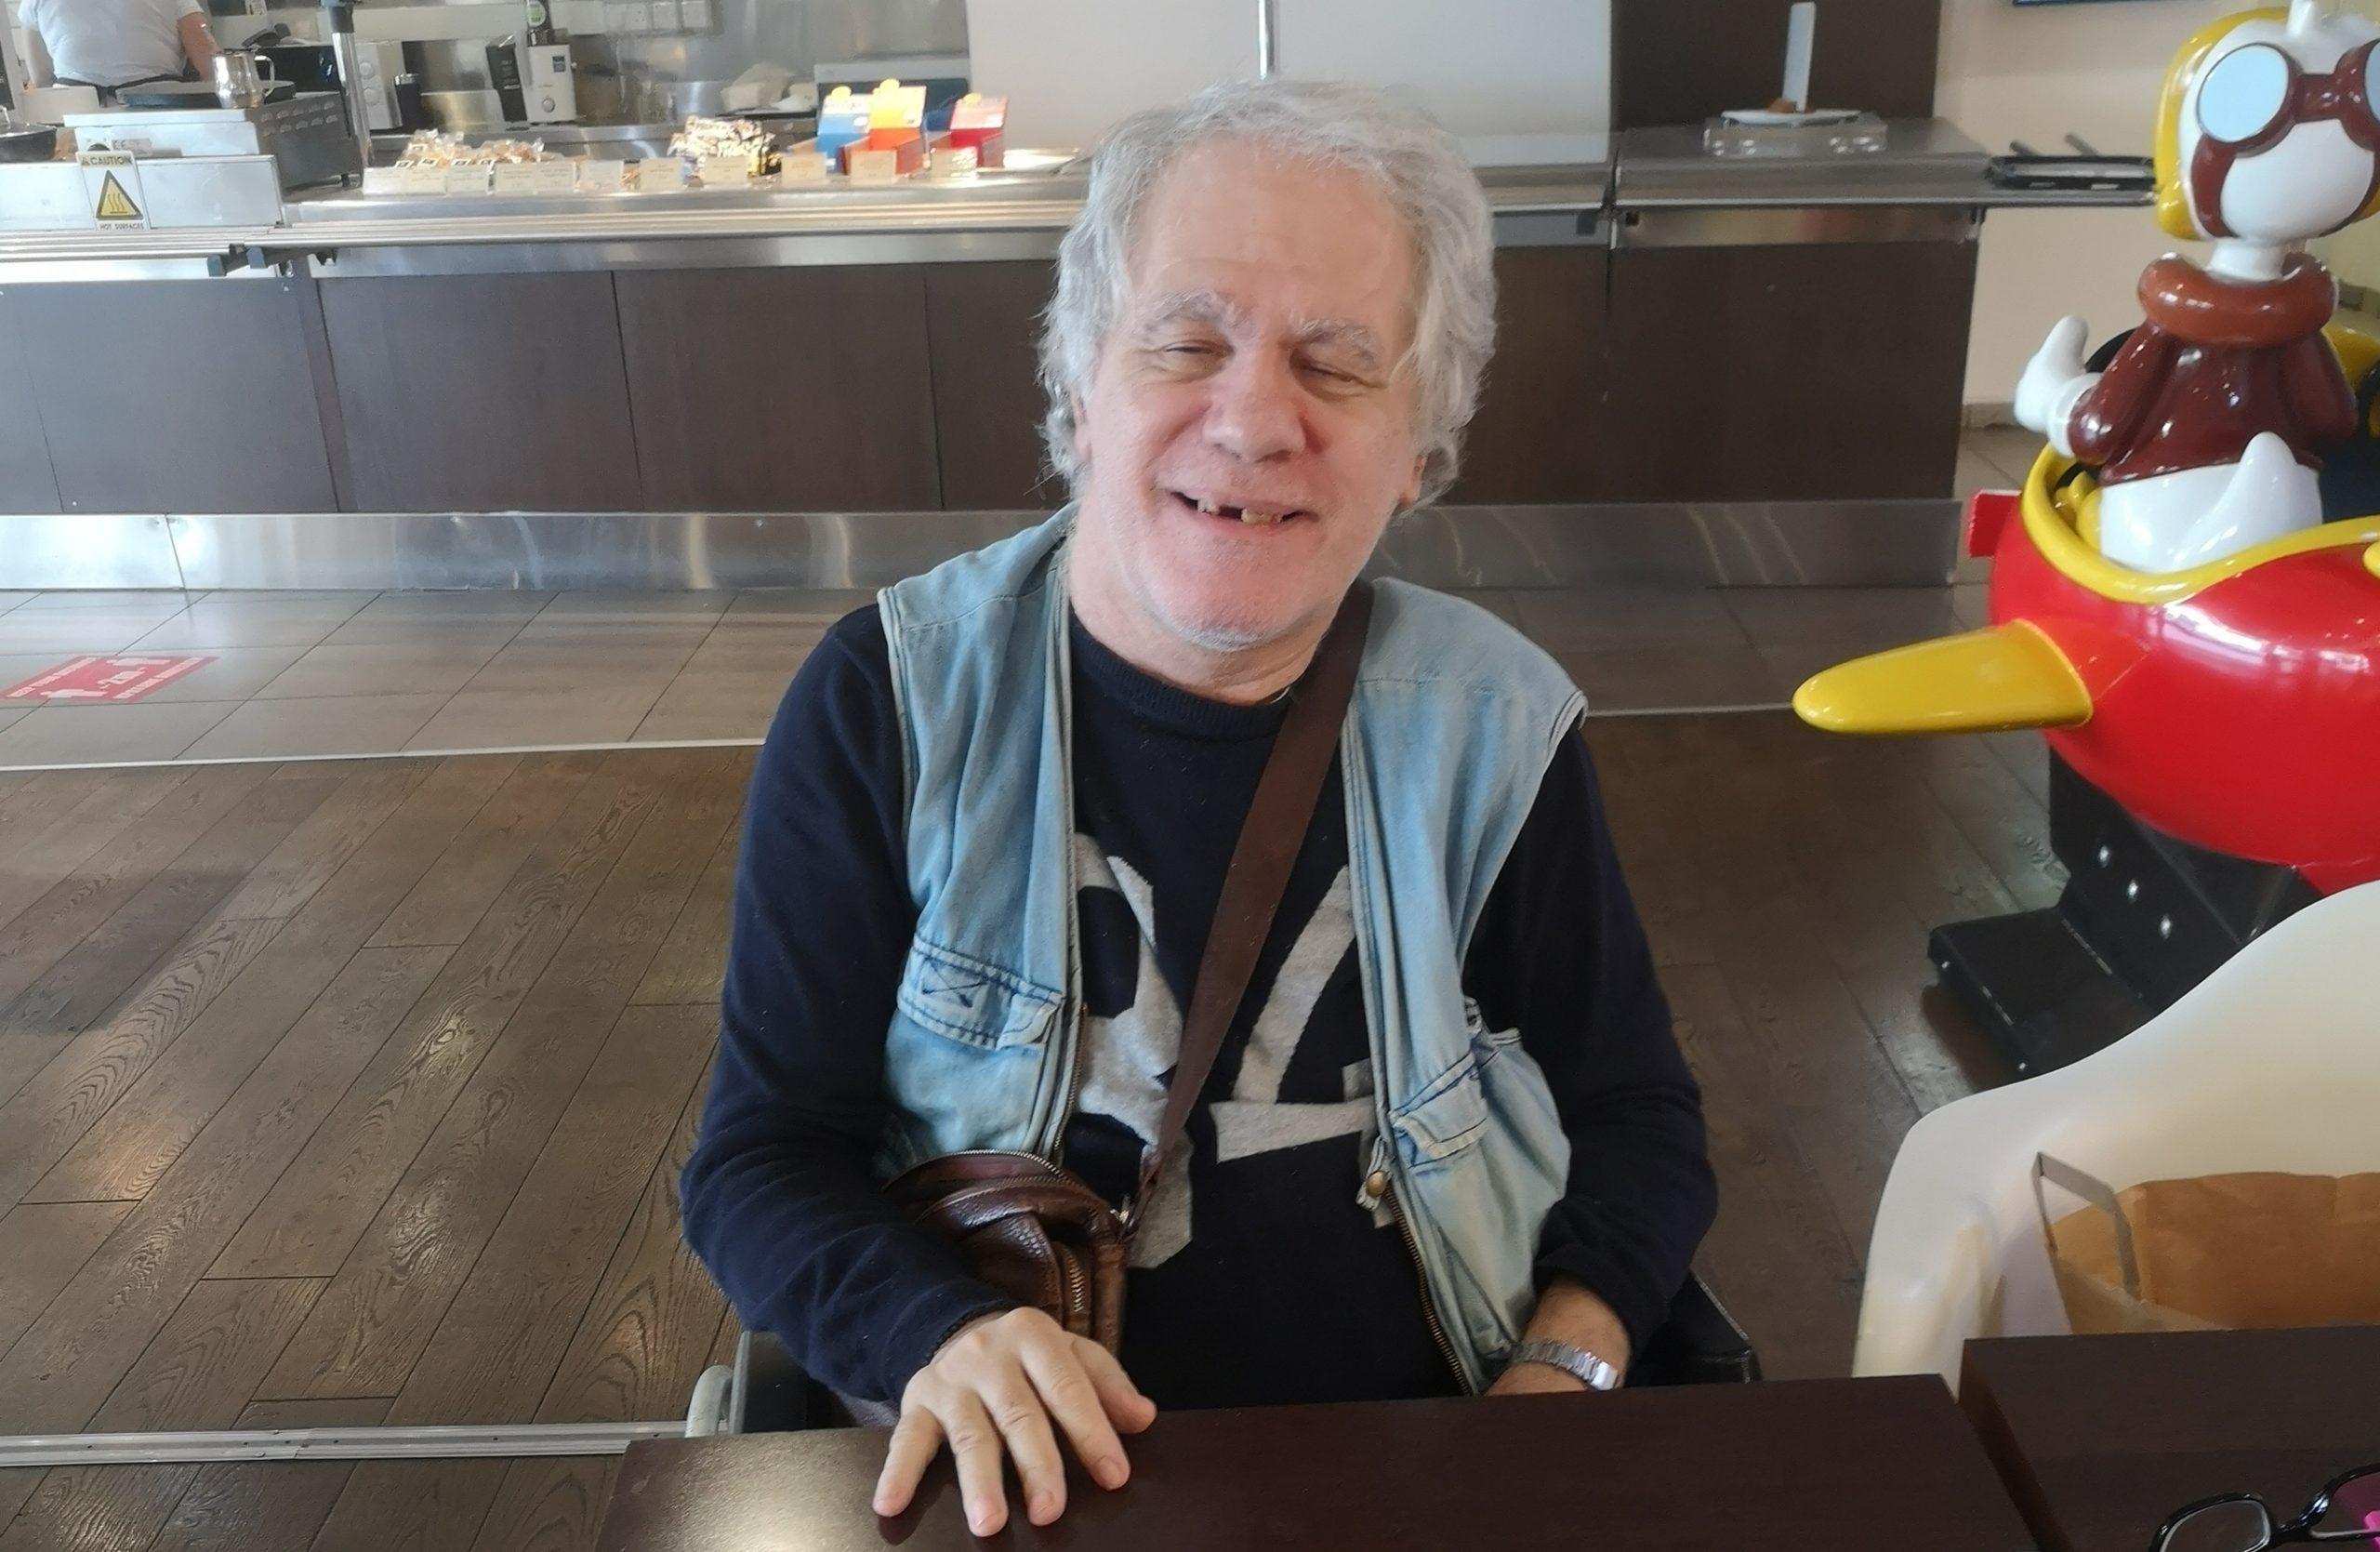 Ο κ. Σωτήρης άλλος ένας μαχητής της ζωής μας μιλά για τα παιδικά του χρόνια